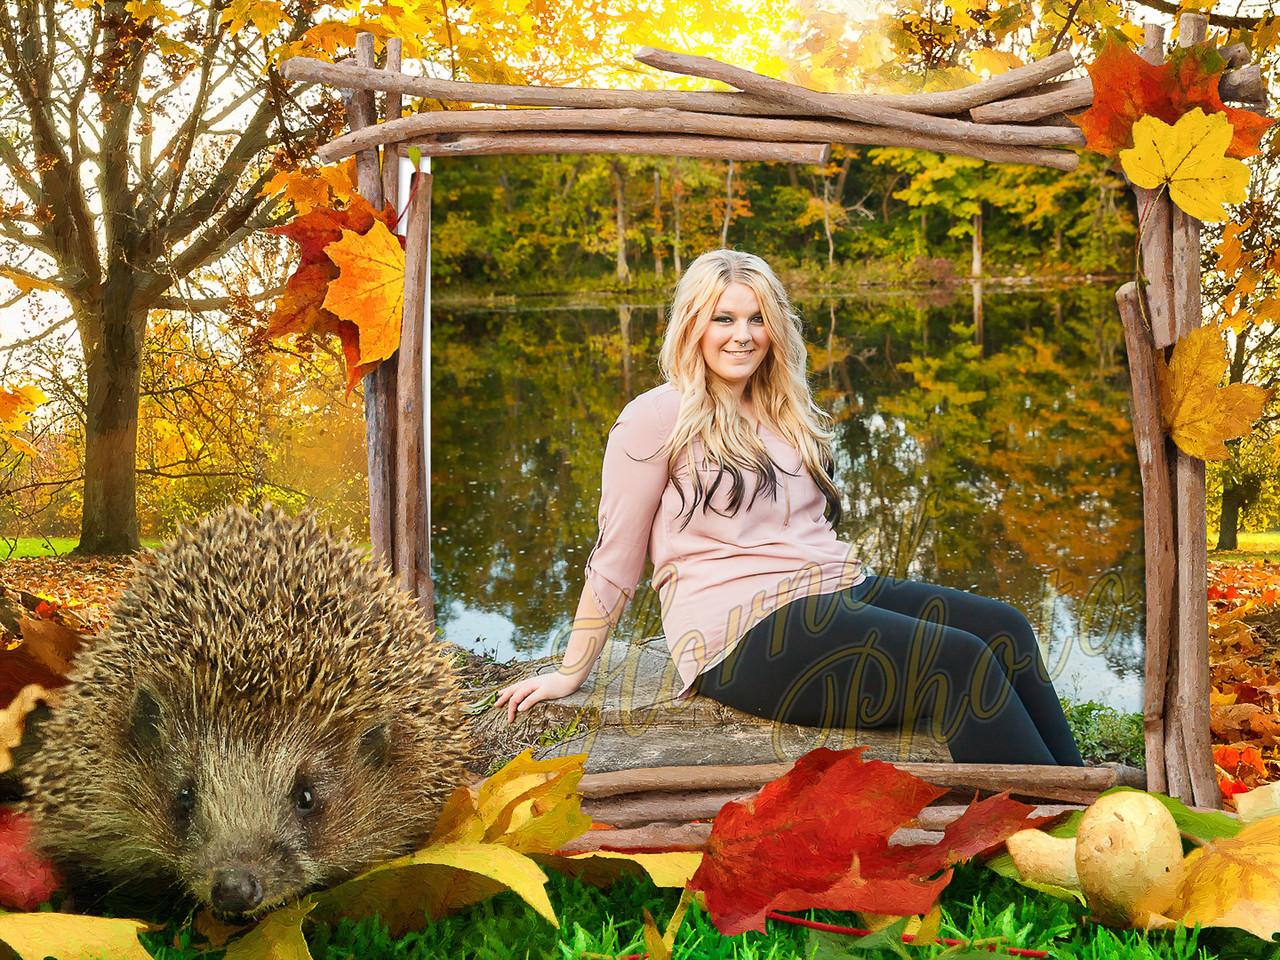 [Brianna-500]-Brianna-autumn01